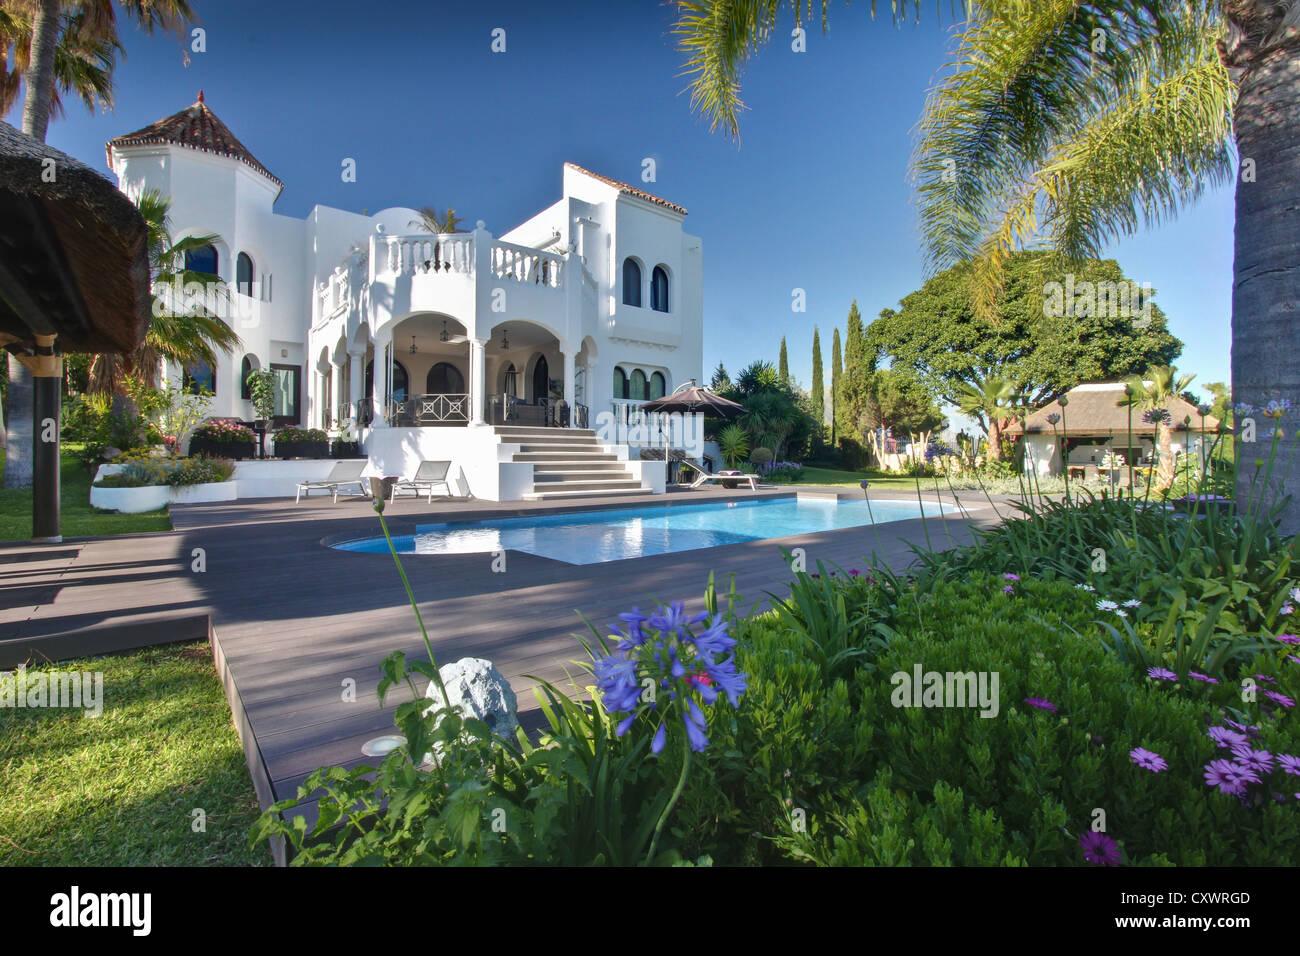 Pool outside tropical villa - Stock Image